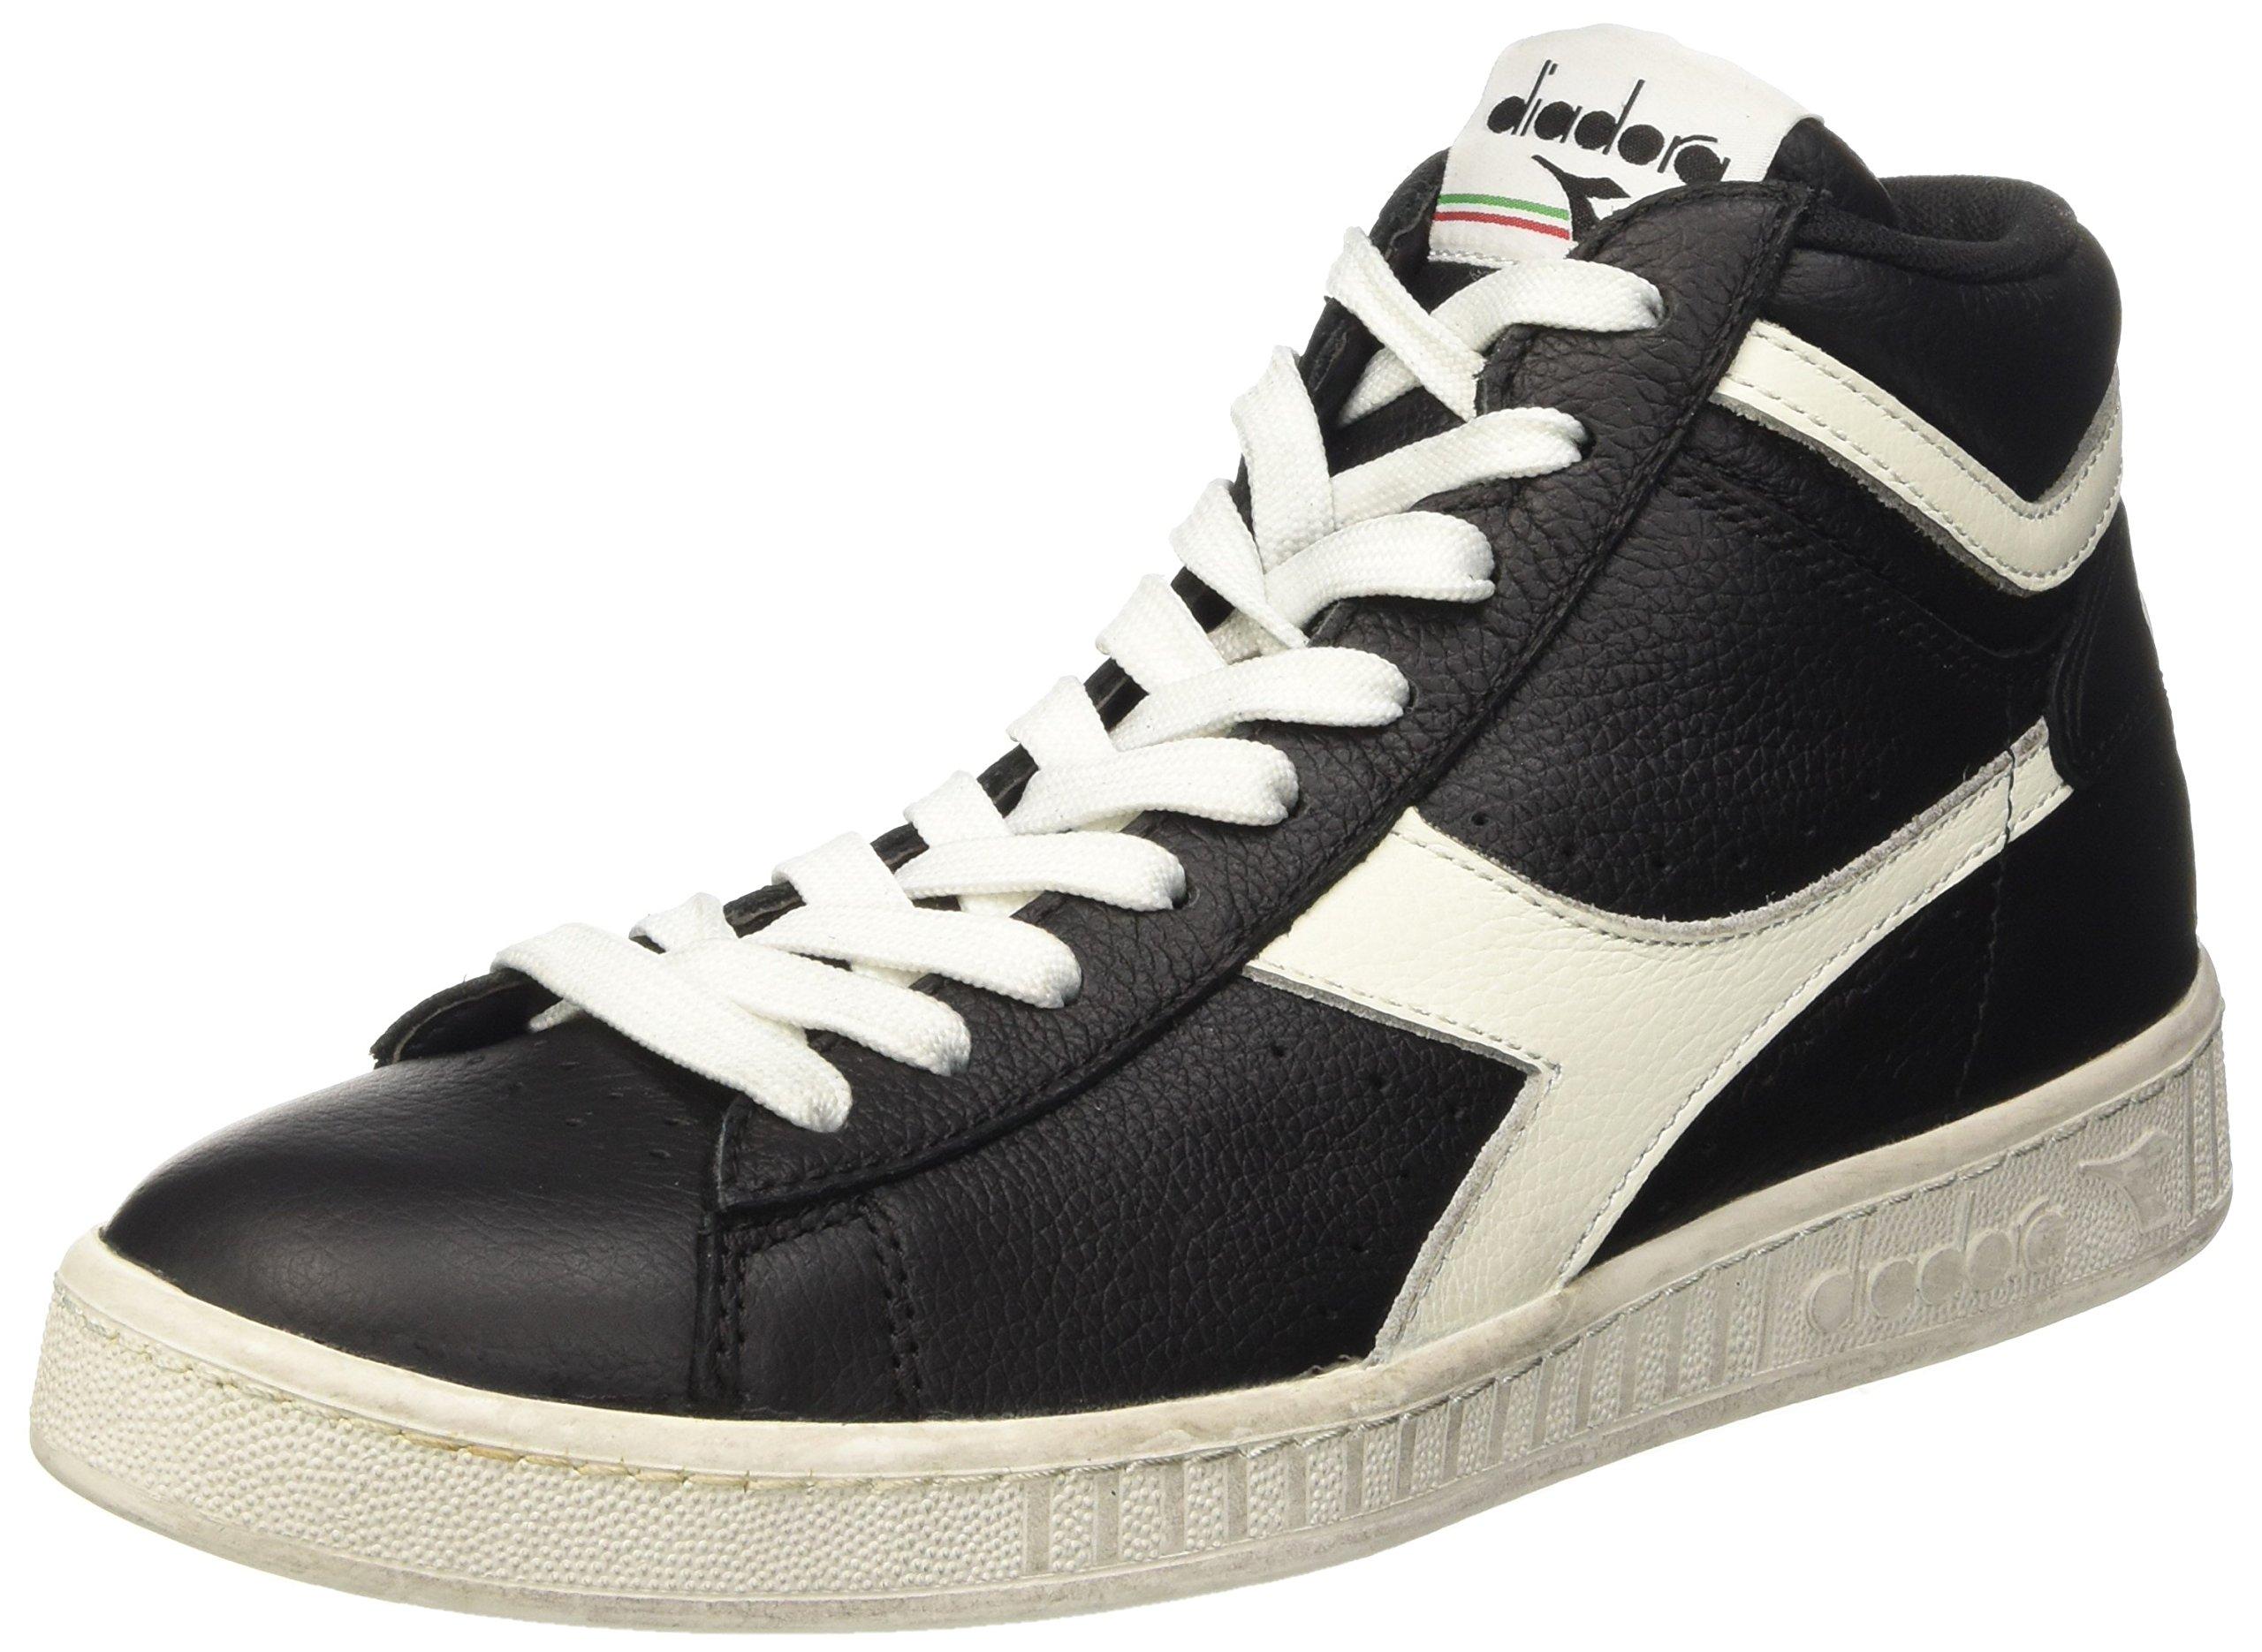 Diadora Game L High Waxed Skate Shoe,Black/Cloud Dancer,9 M US